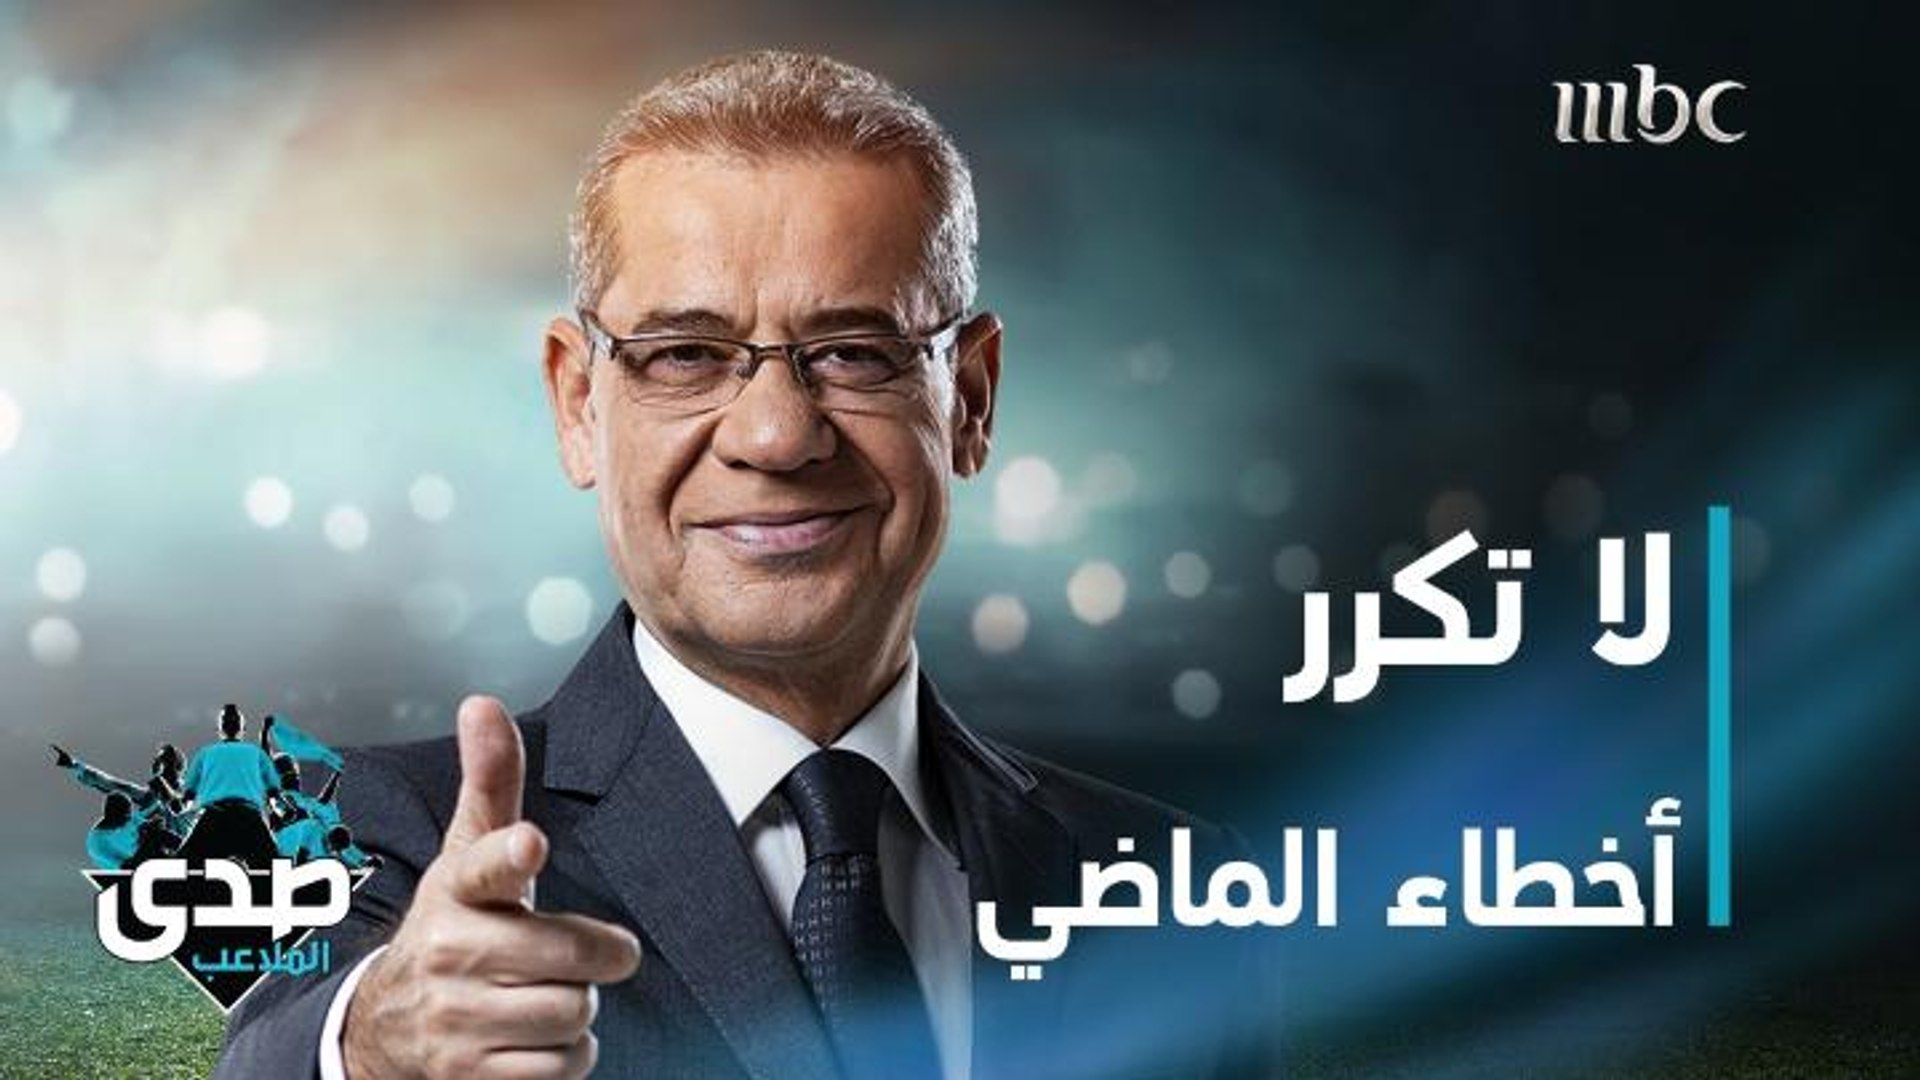 لا تكرر نفس الخطأ مصطفى الاغا